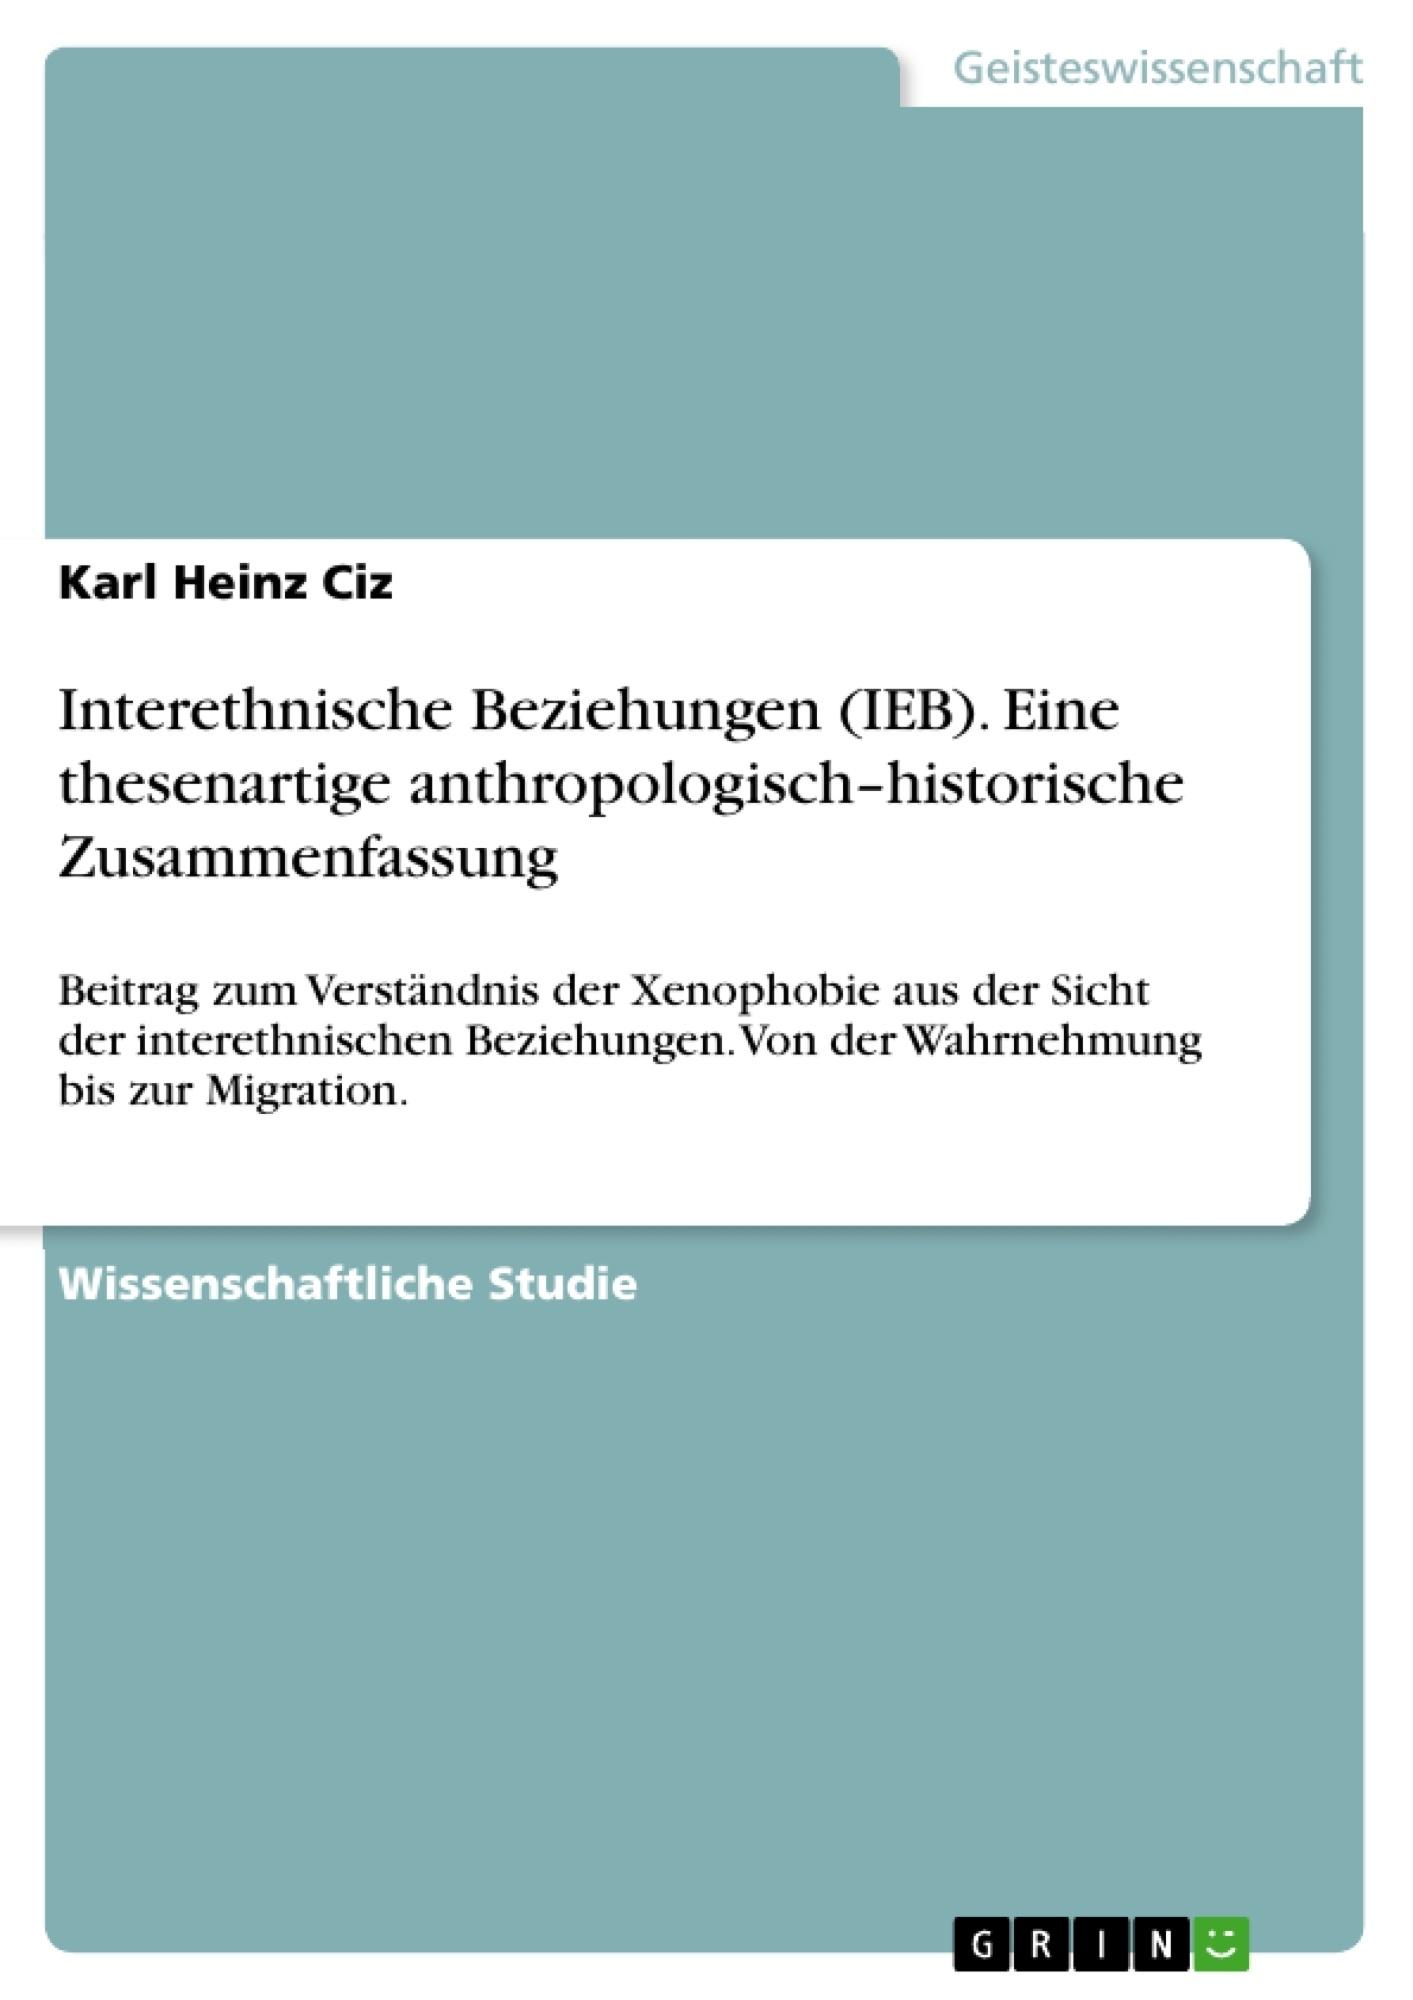 Titel: Interethnische Beziehungen (IEB). Eine thesenartige anthropologisch–historische Zusammenfassung